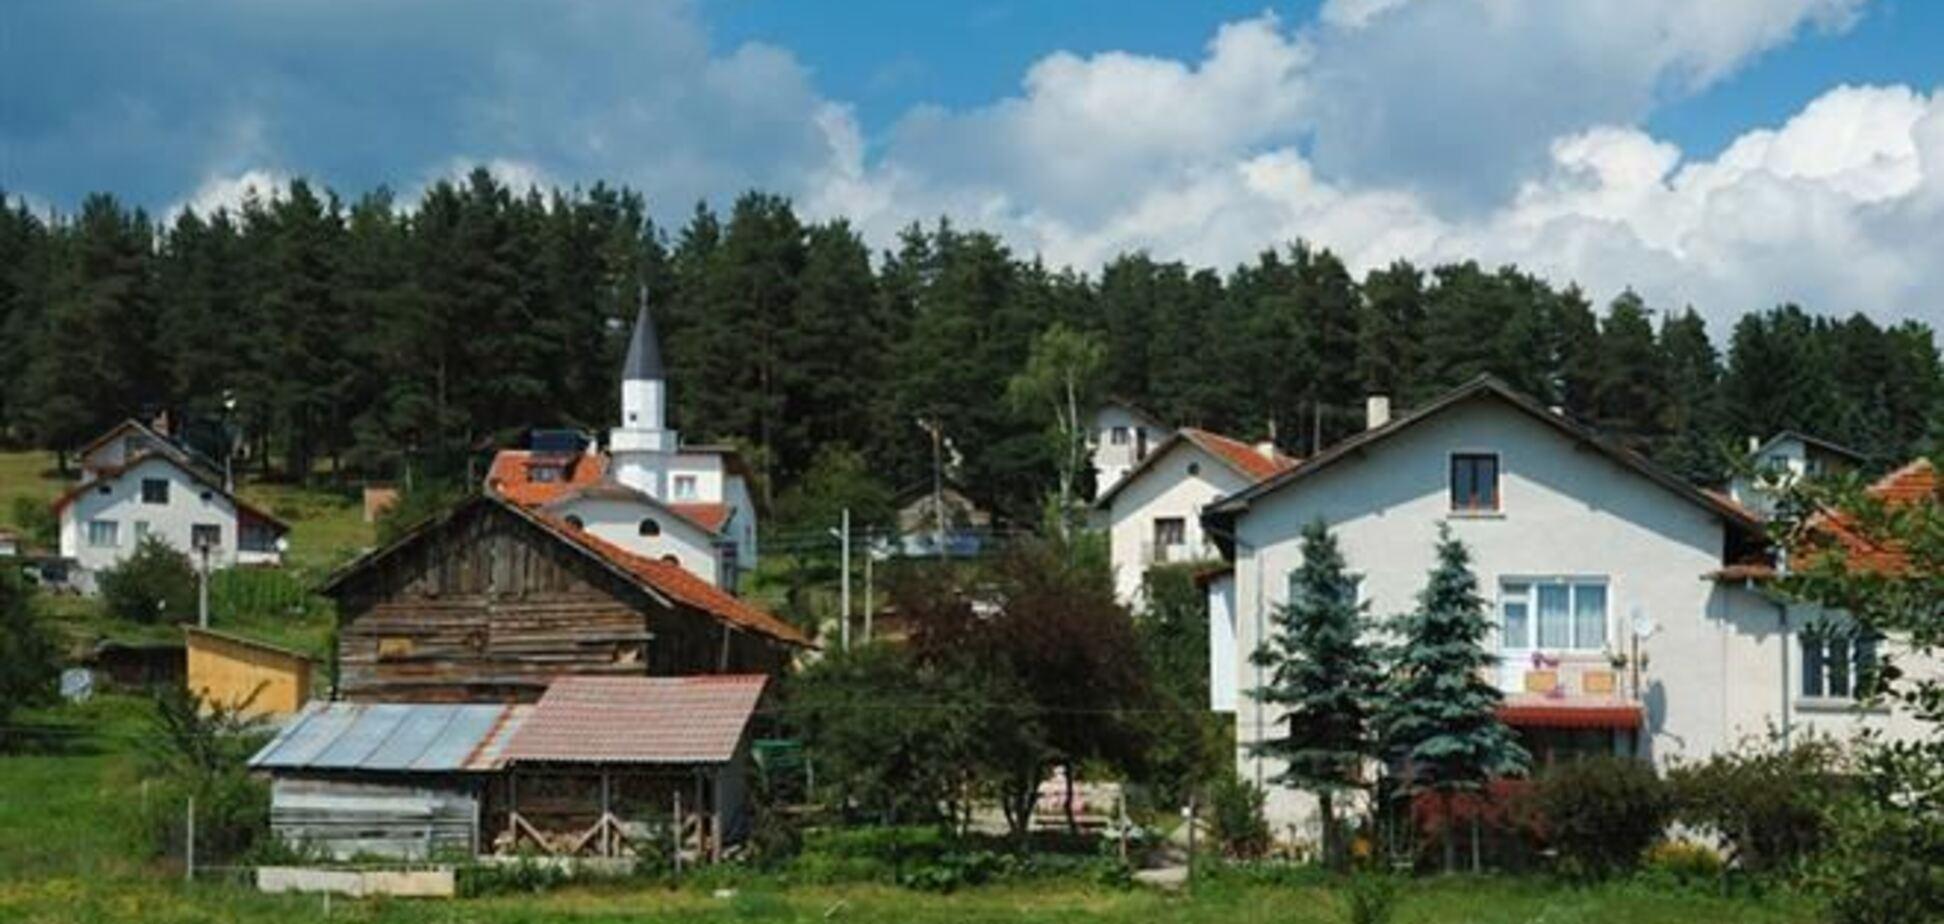 Жители Софии устроили распродажу загородных домов